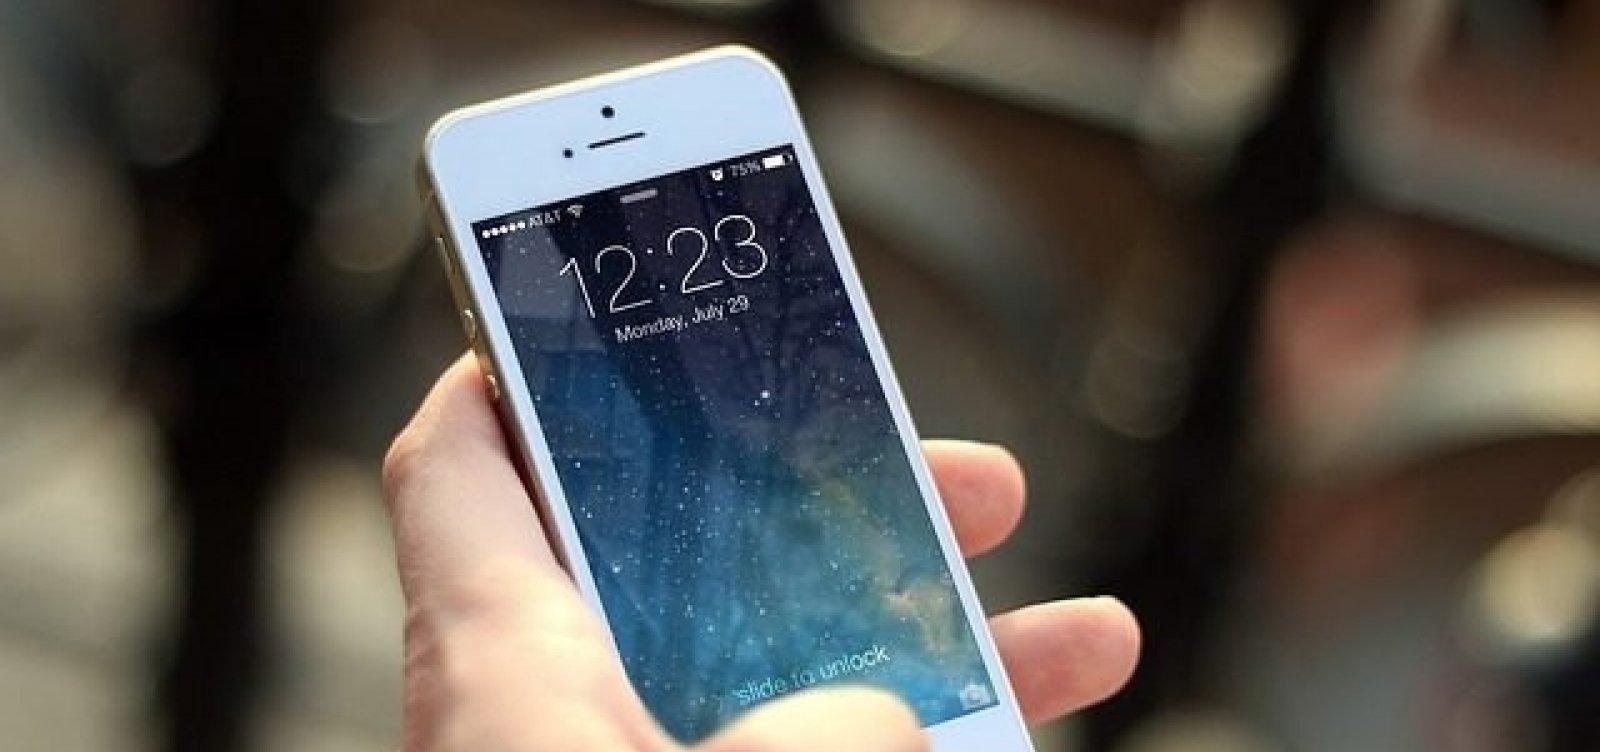 Anatel começa a alertar sobre bloqueio de celulares piratas em 10 estados; Bahia está fora